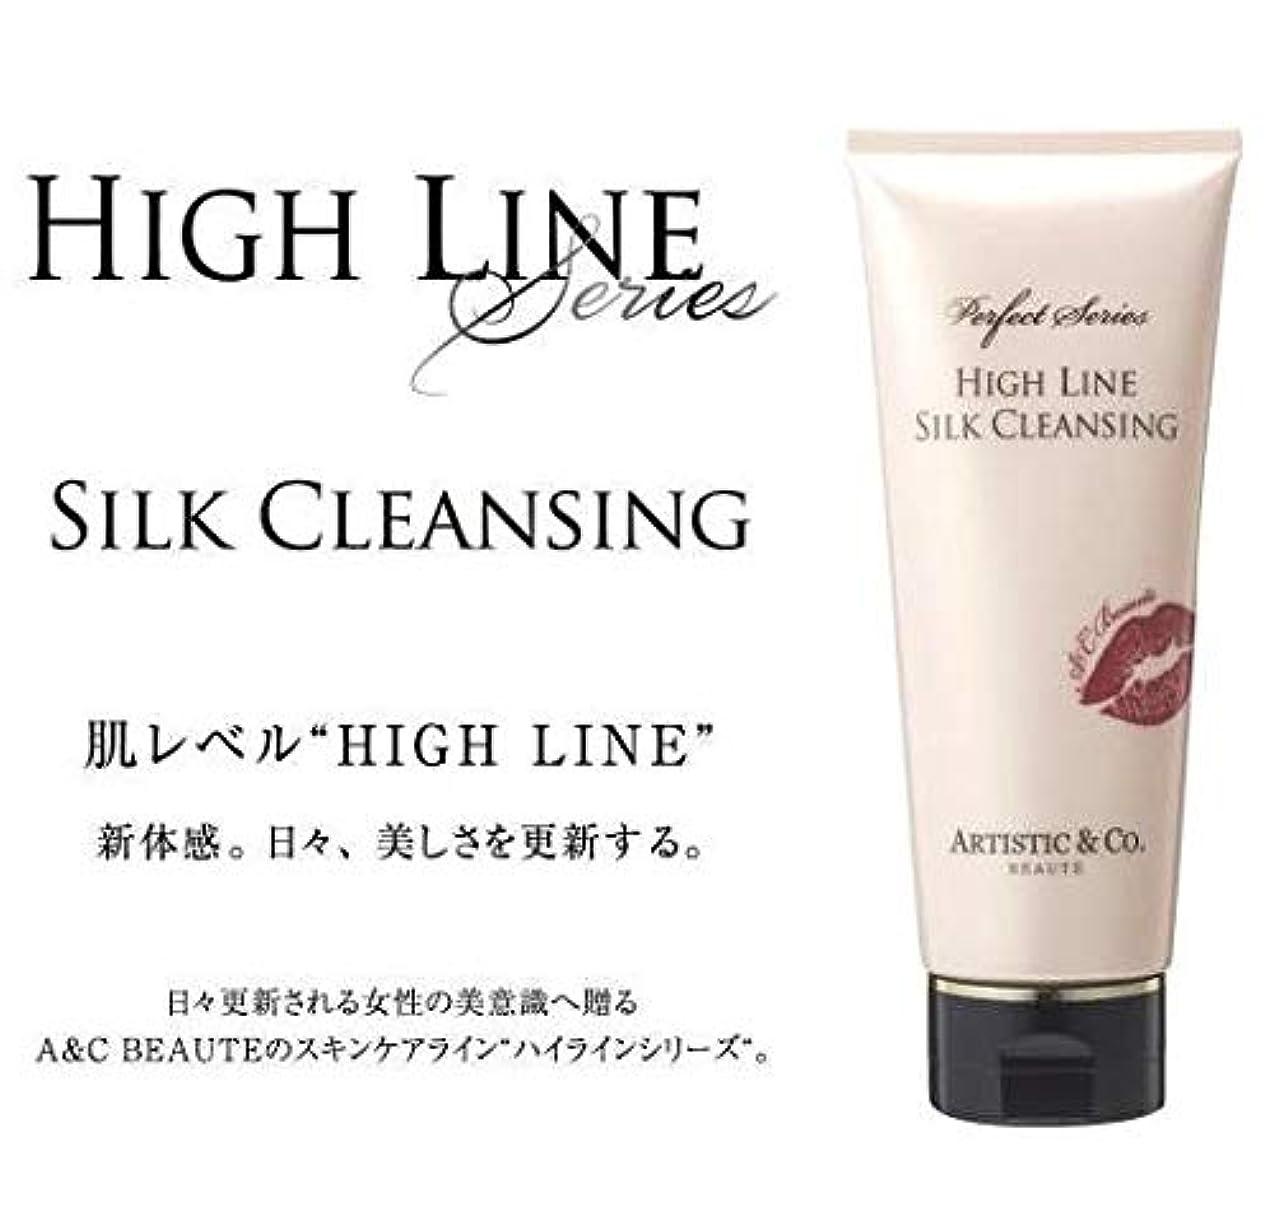 意志雪の何故なのARTISTIC&CO. (アーティスティック) HIGH LINE SILK CLEANSING ハイライン シルククレンジングジェル 200g レディス メンズ洗顔 美容液クレンジング